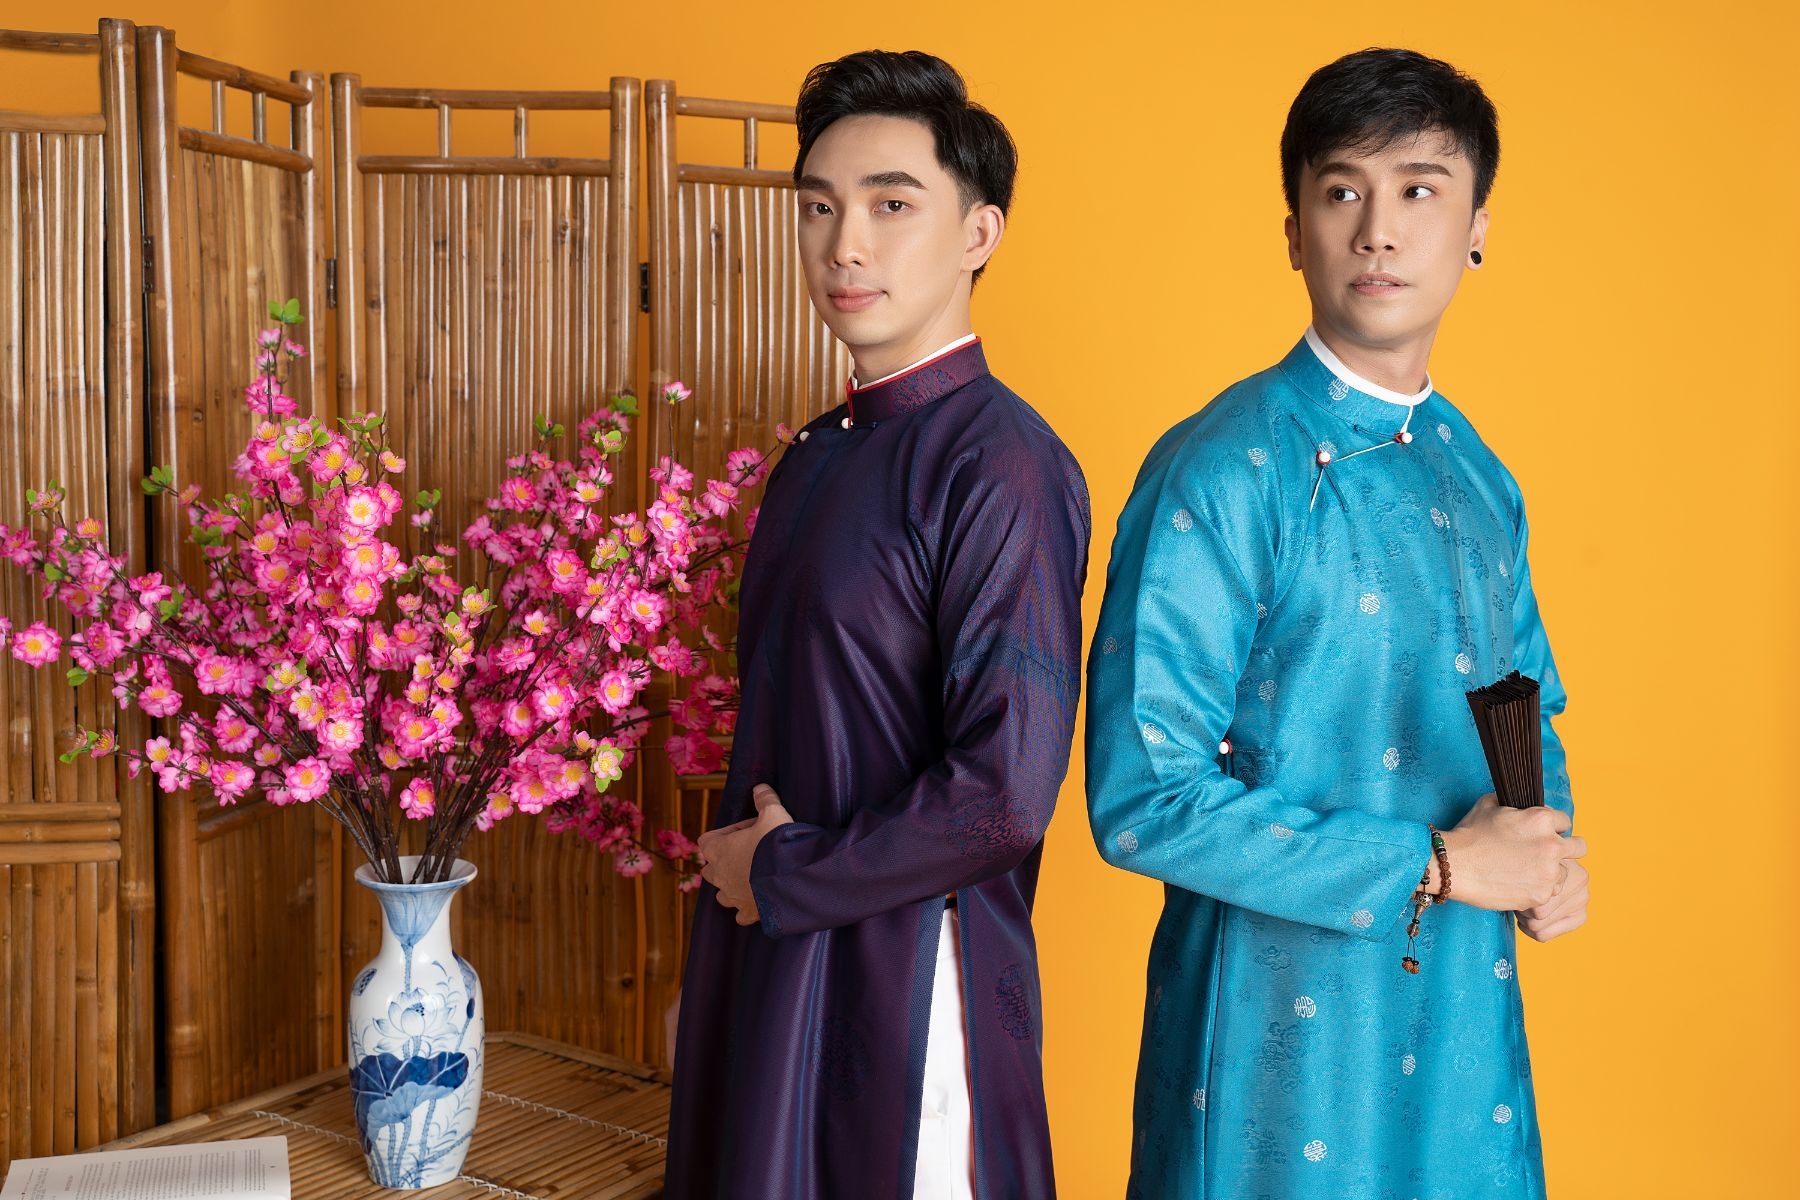 dao dien le viet 1 Lộ diện chân dung đại gia chống lưng cho đạo diễn Lê Việt